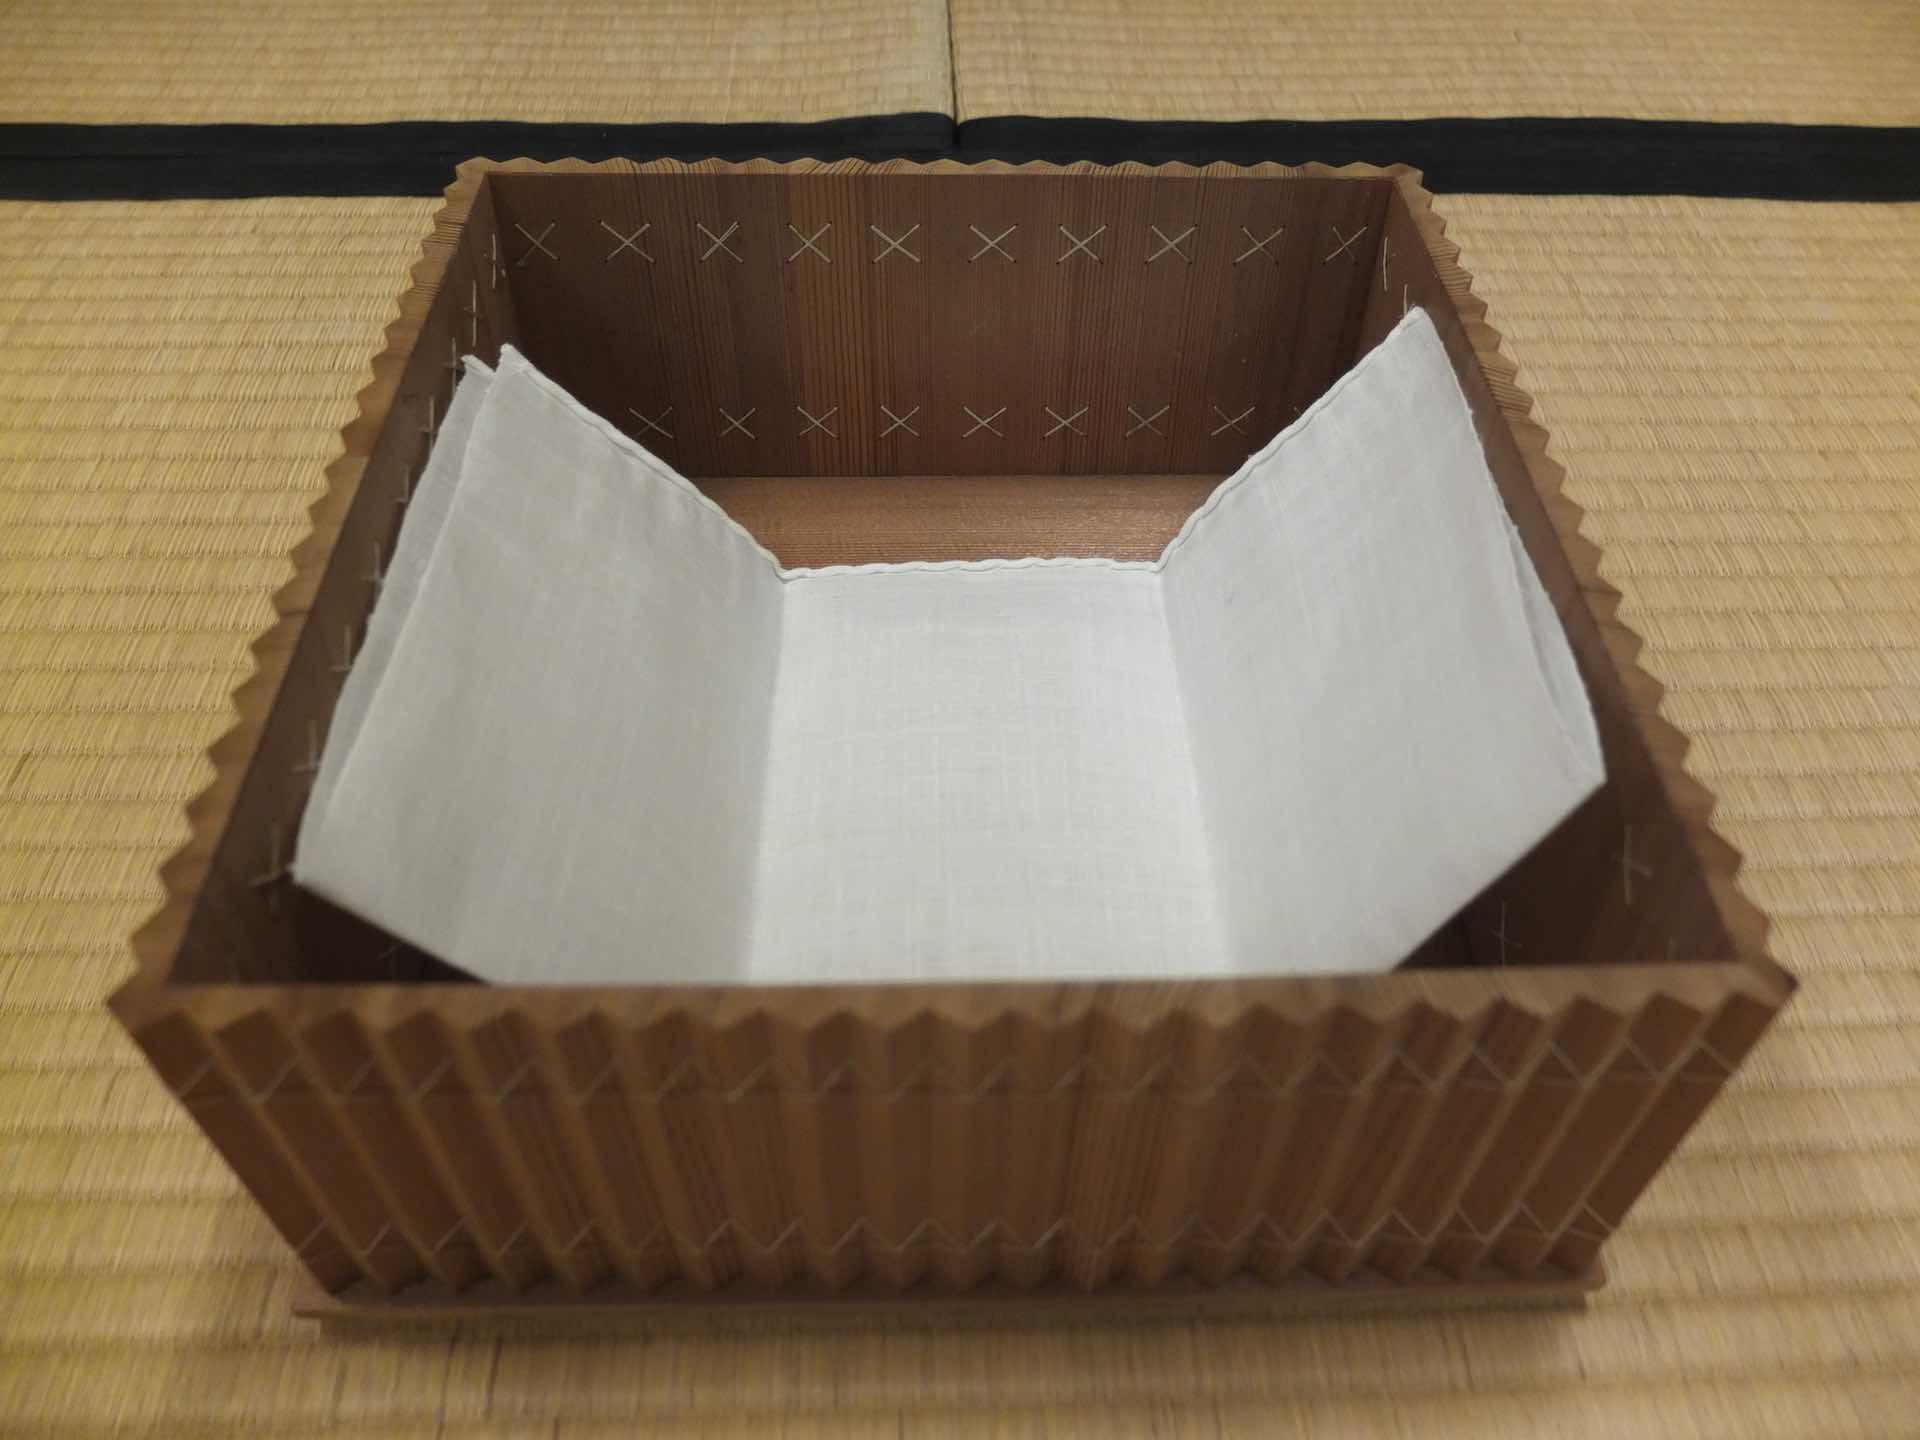 箱の中に白い布